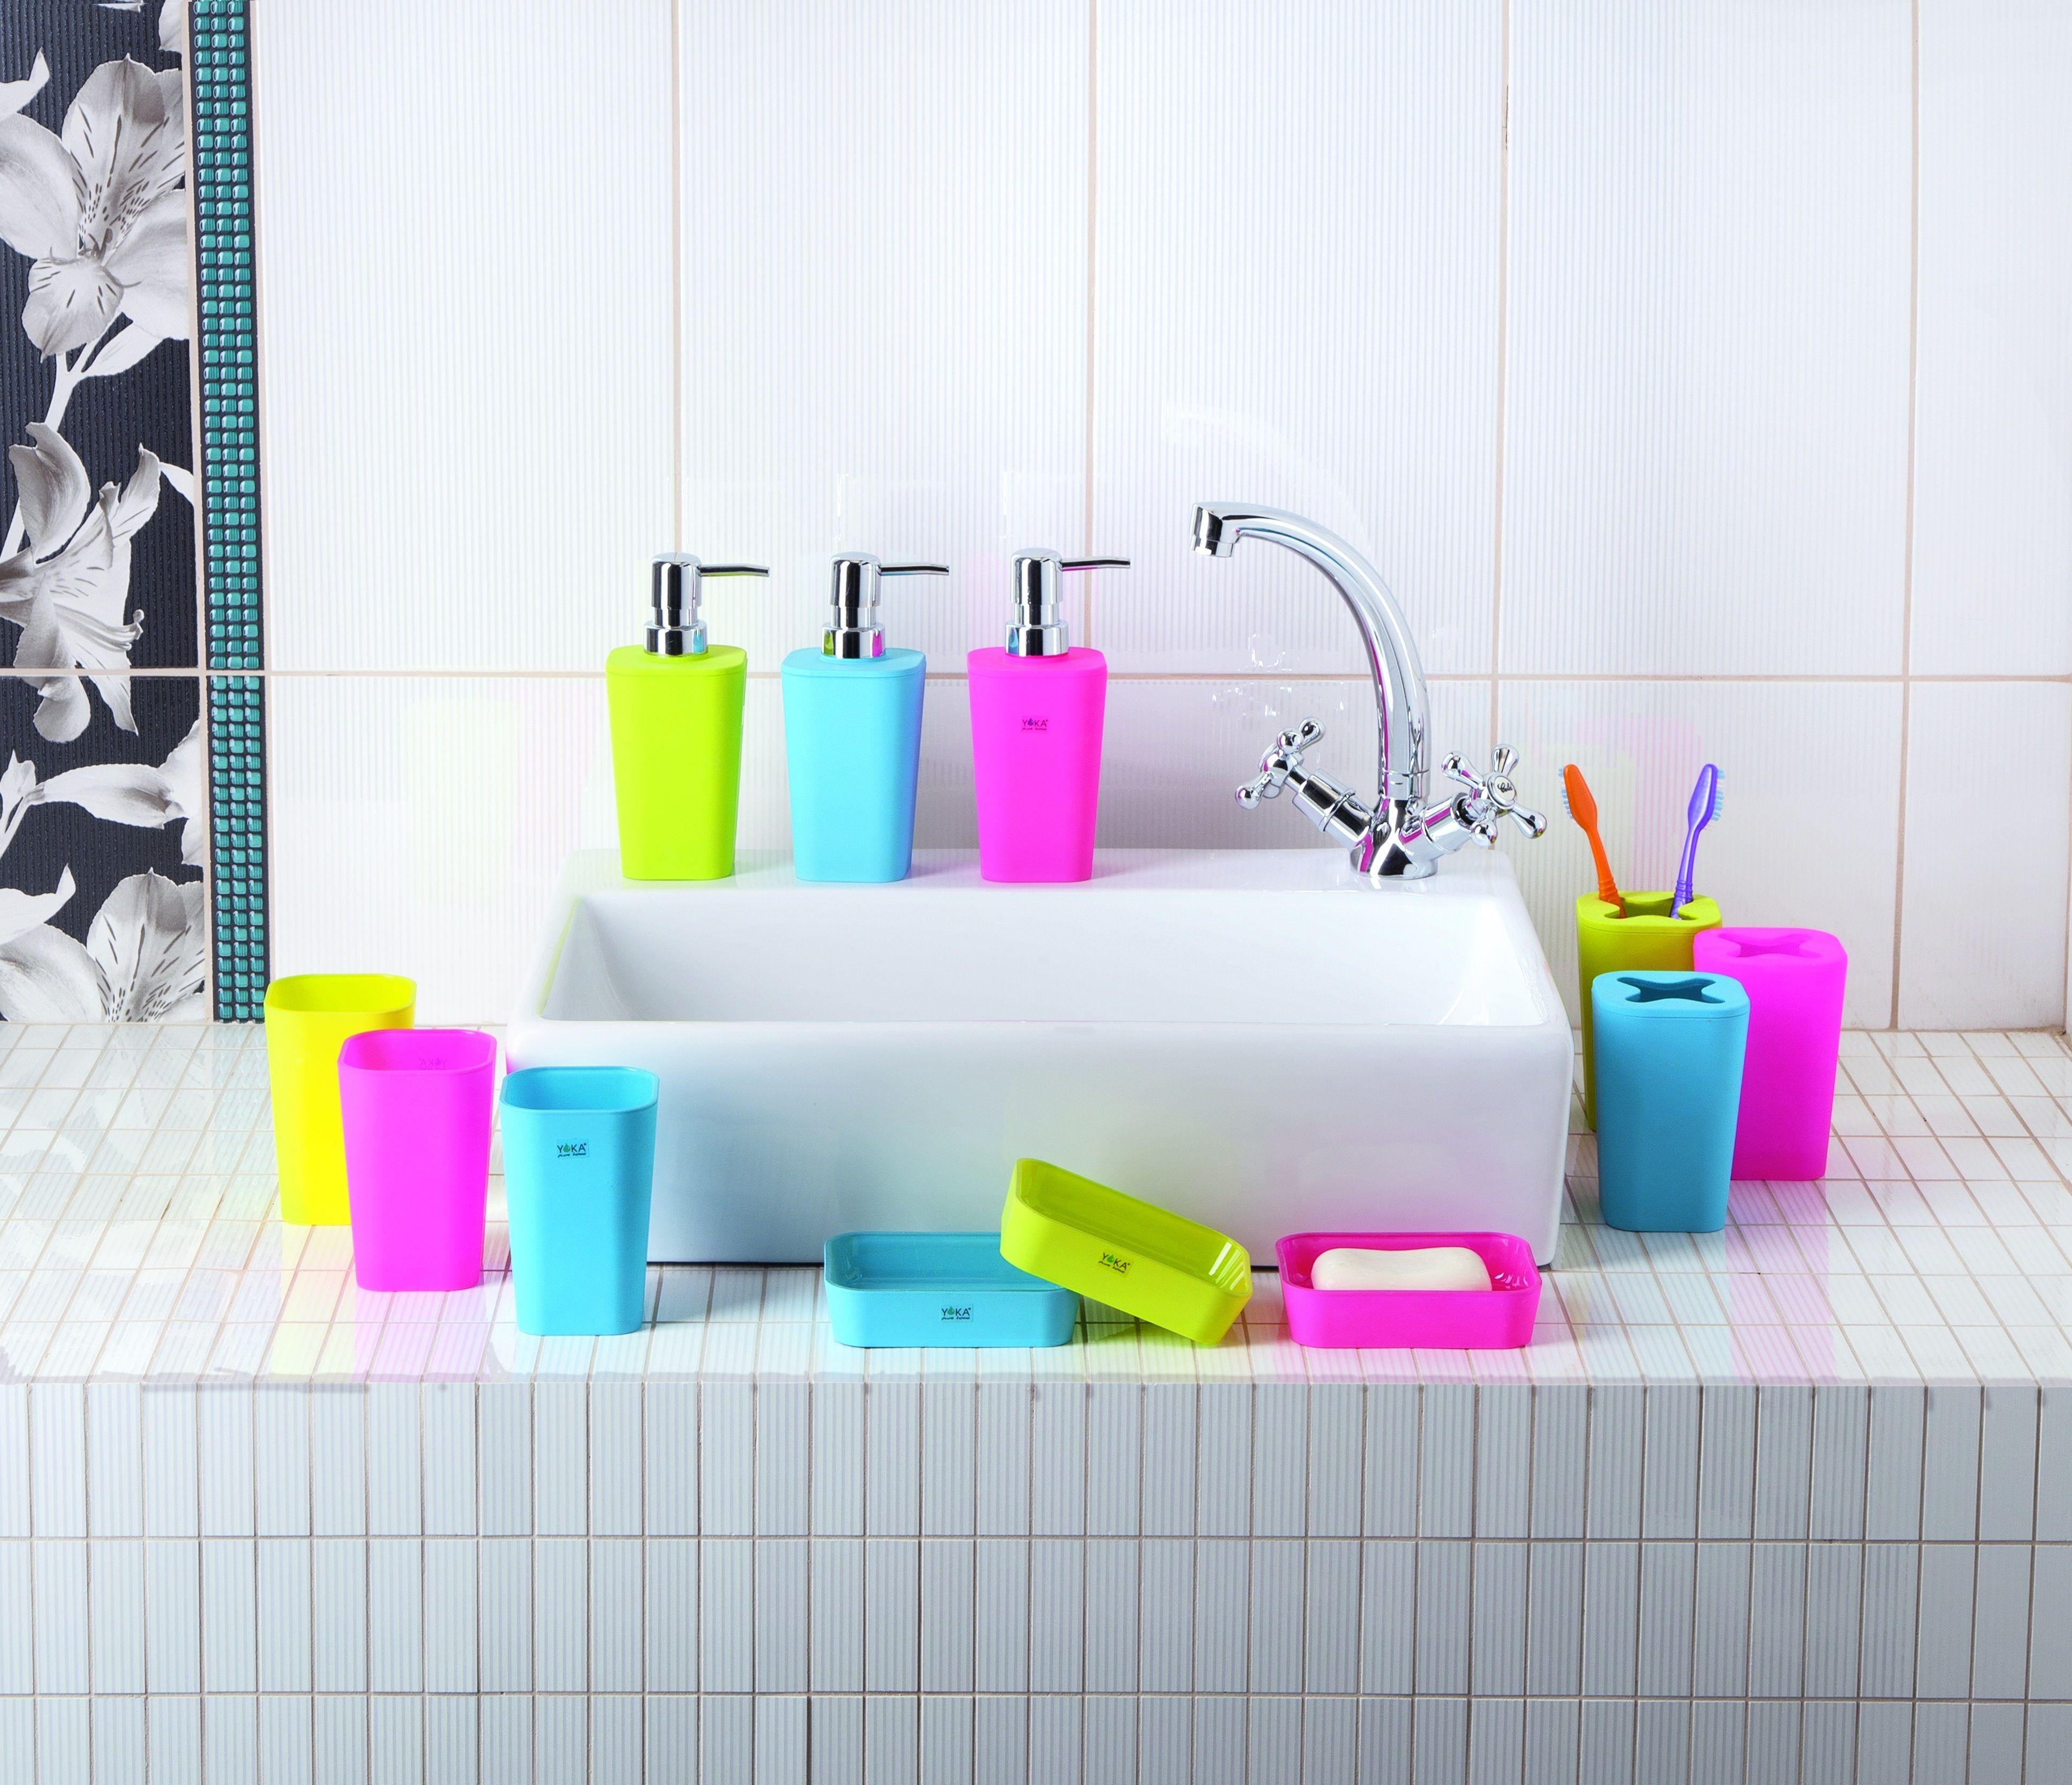 Explore Bathroom Accessories And More! Dodatki, Jak Z Krainy Czarów, Cieszą  Każde Oko #interior #obipolska #OBI